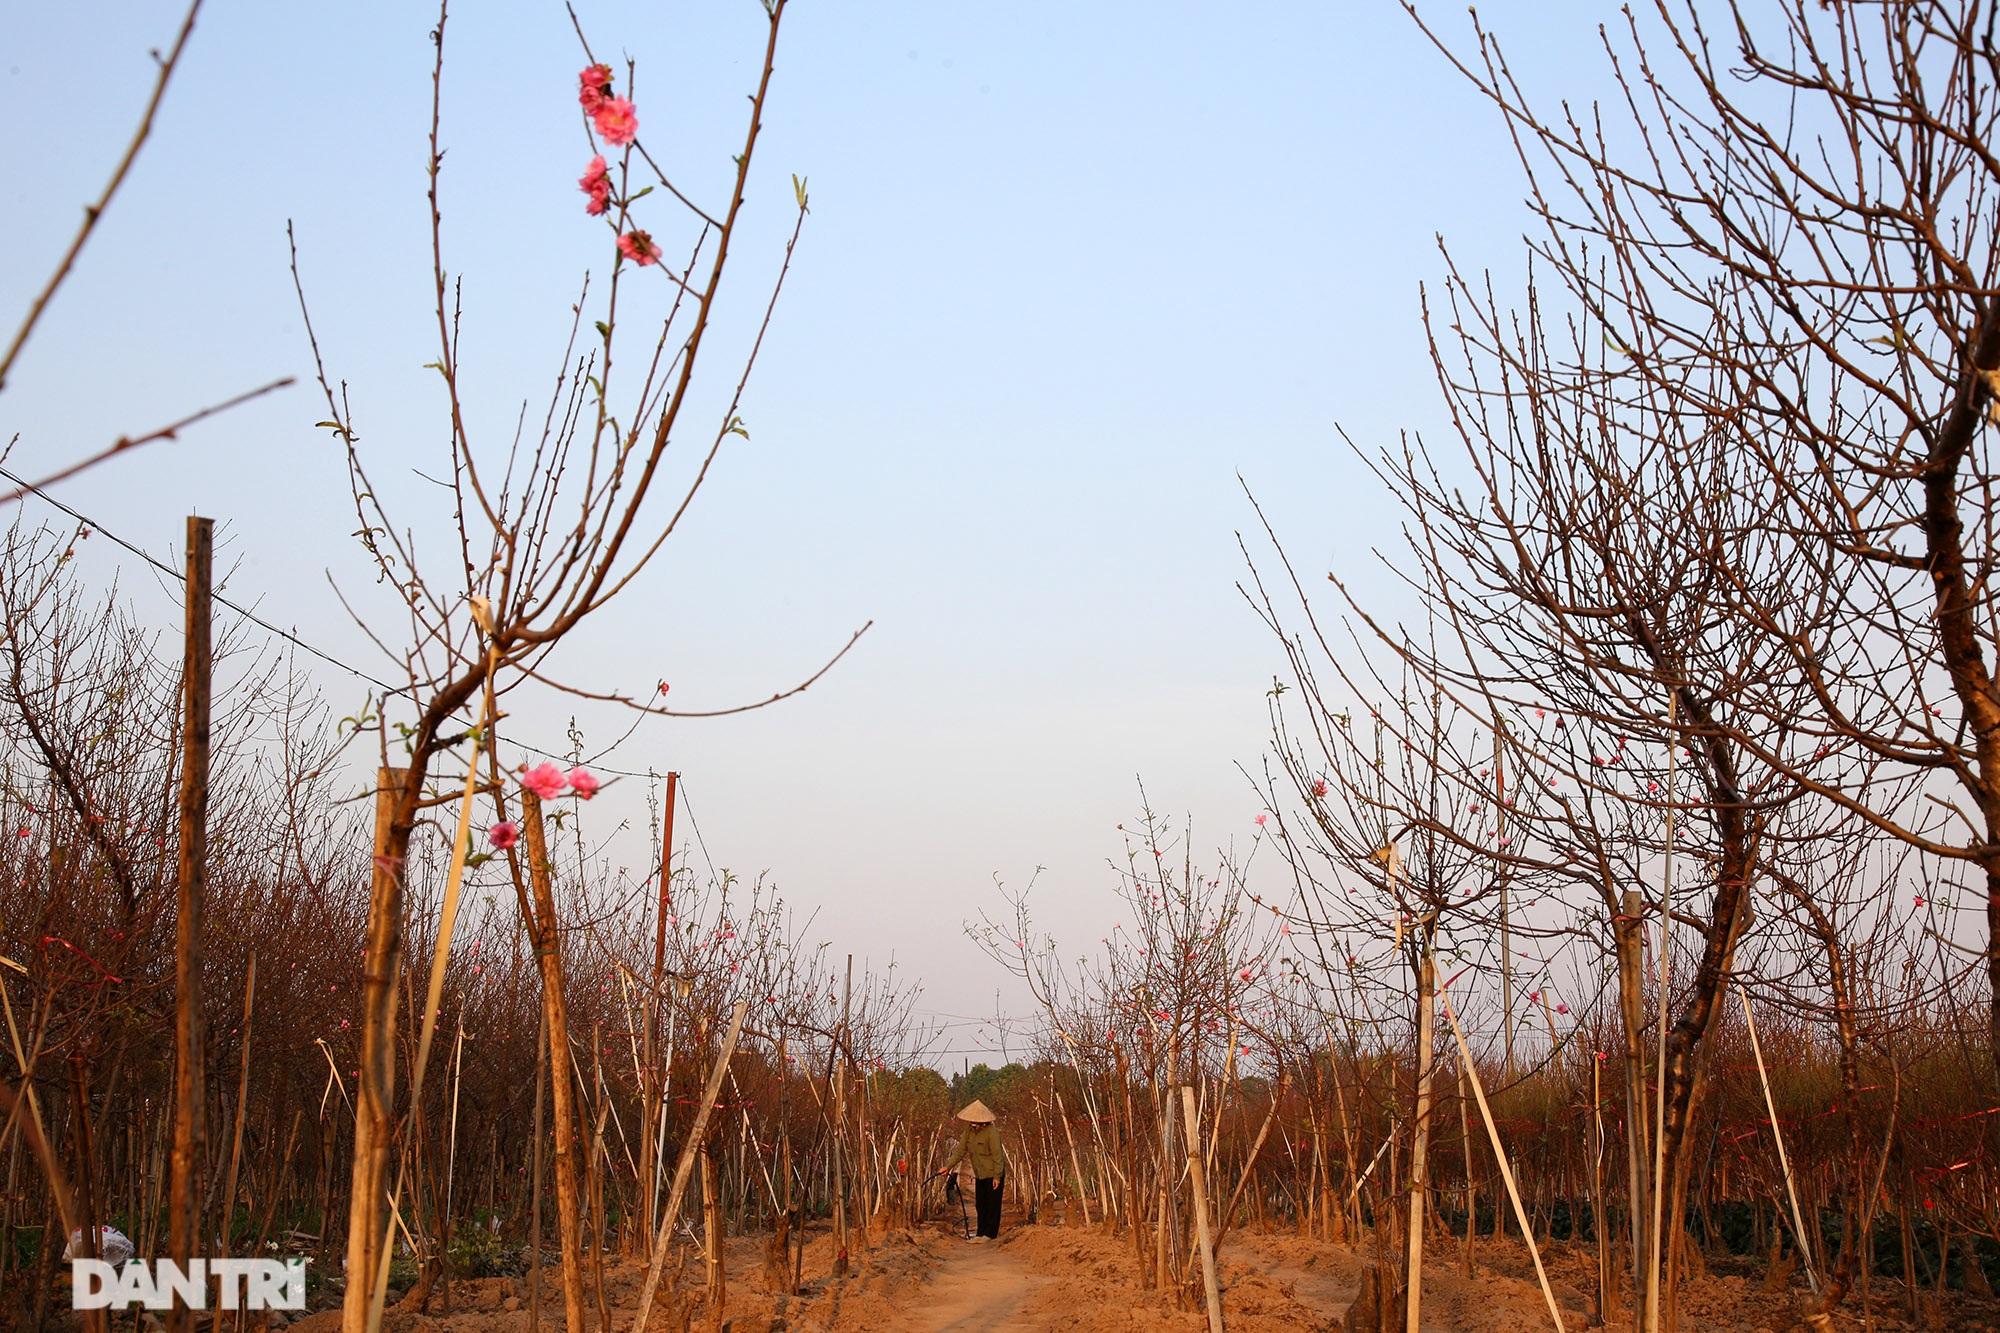 Đào Nhật Tân bắt đầu nở rộ chờ đón năm mới Tân Sửu - 3